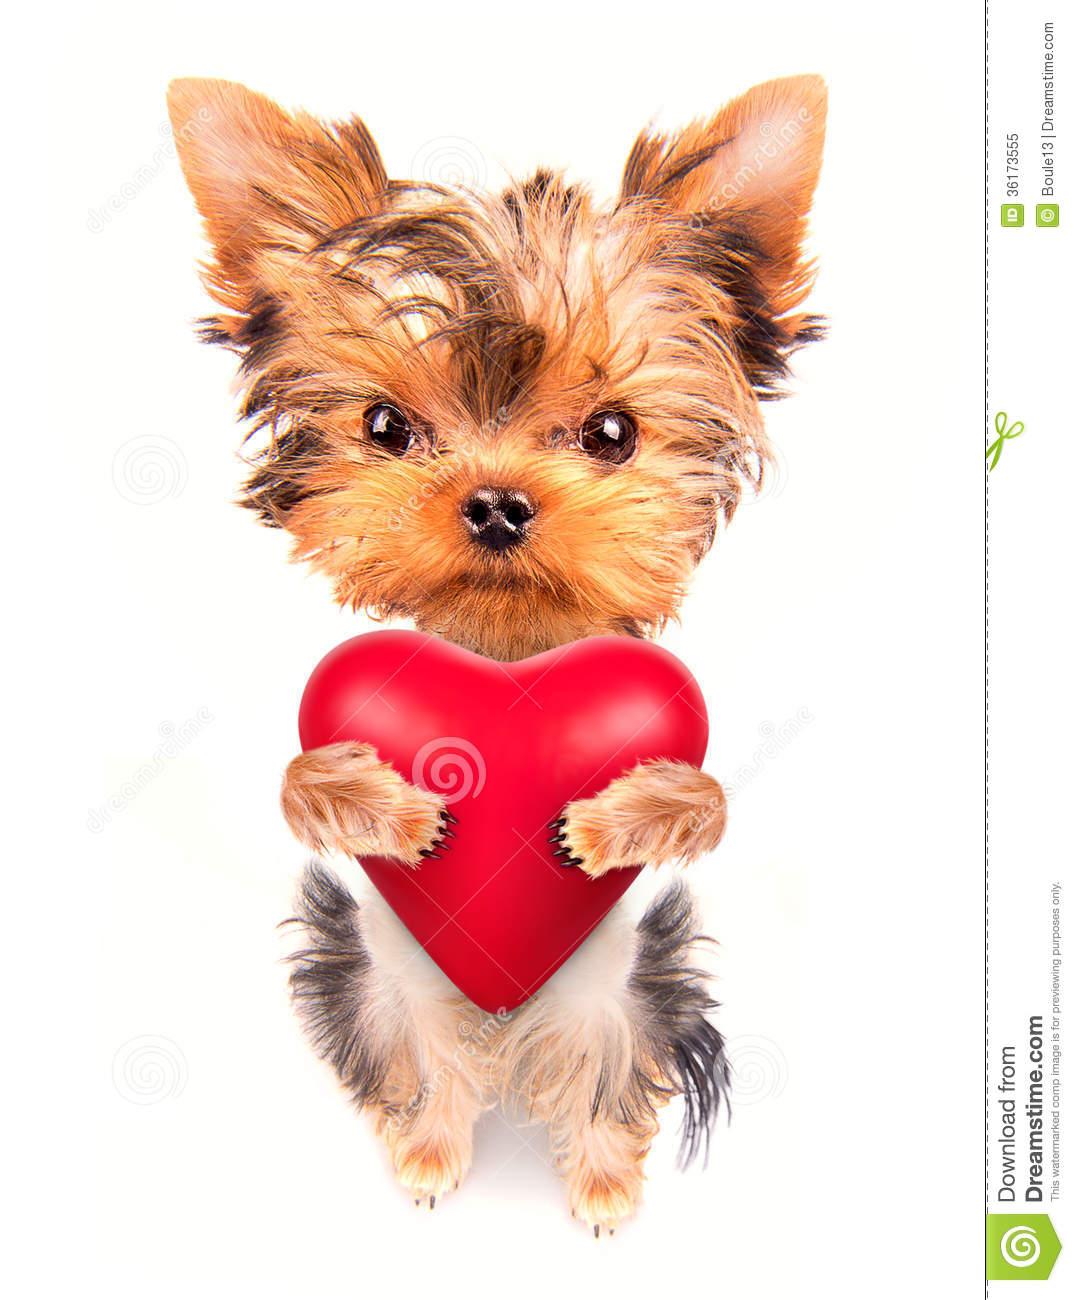 valentine puppy clipart - photo #40